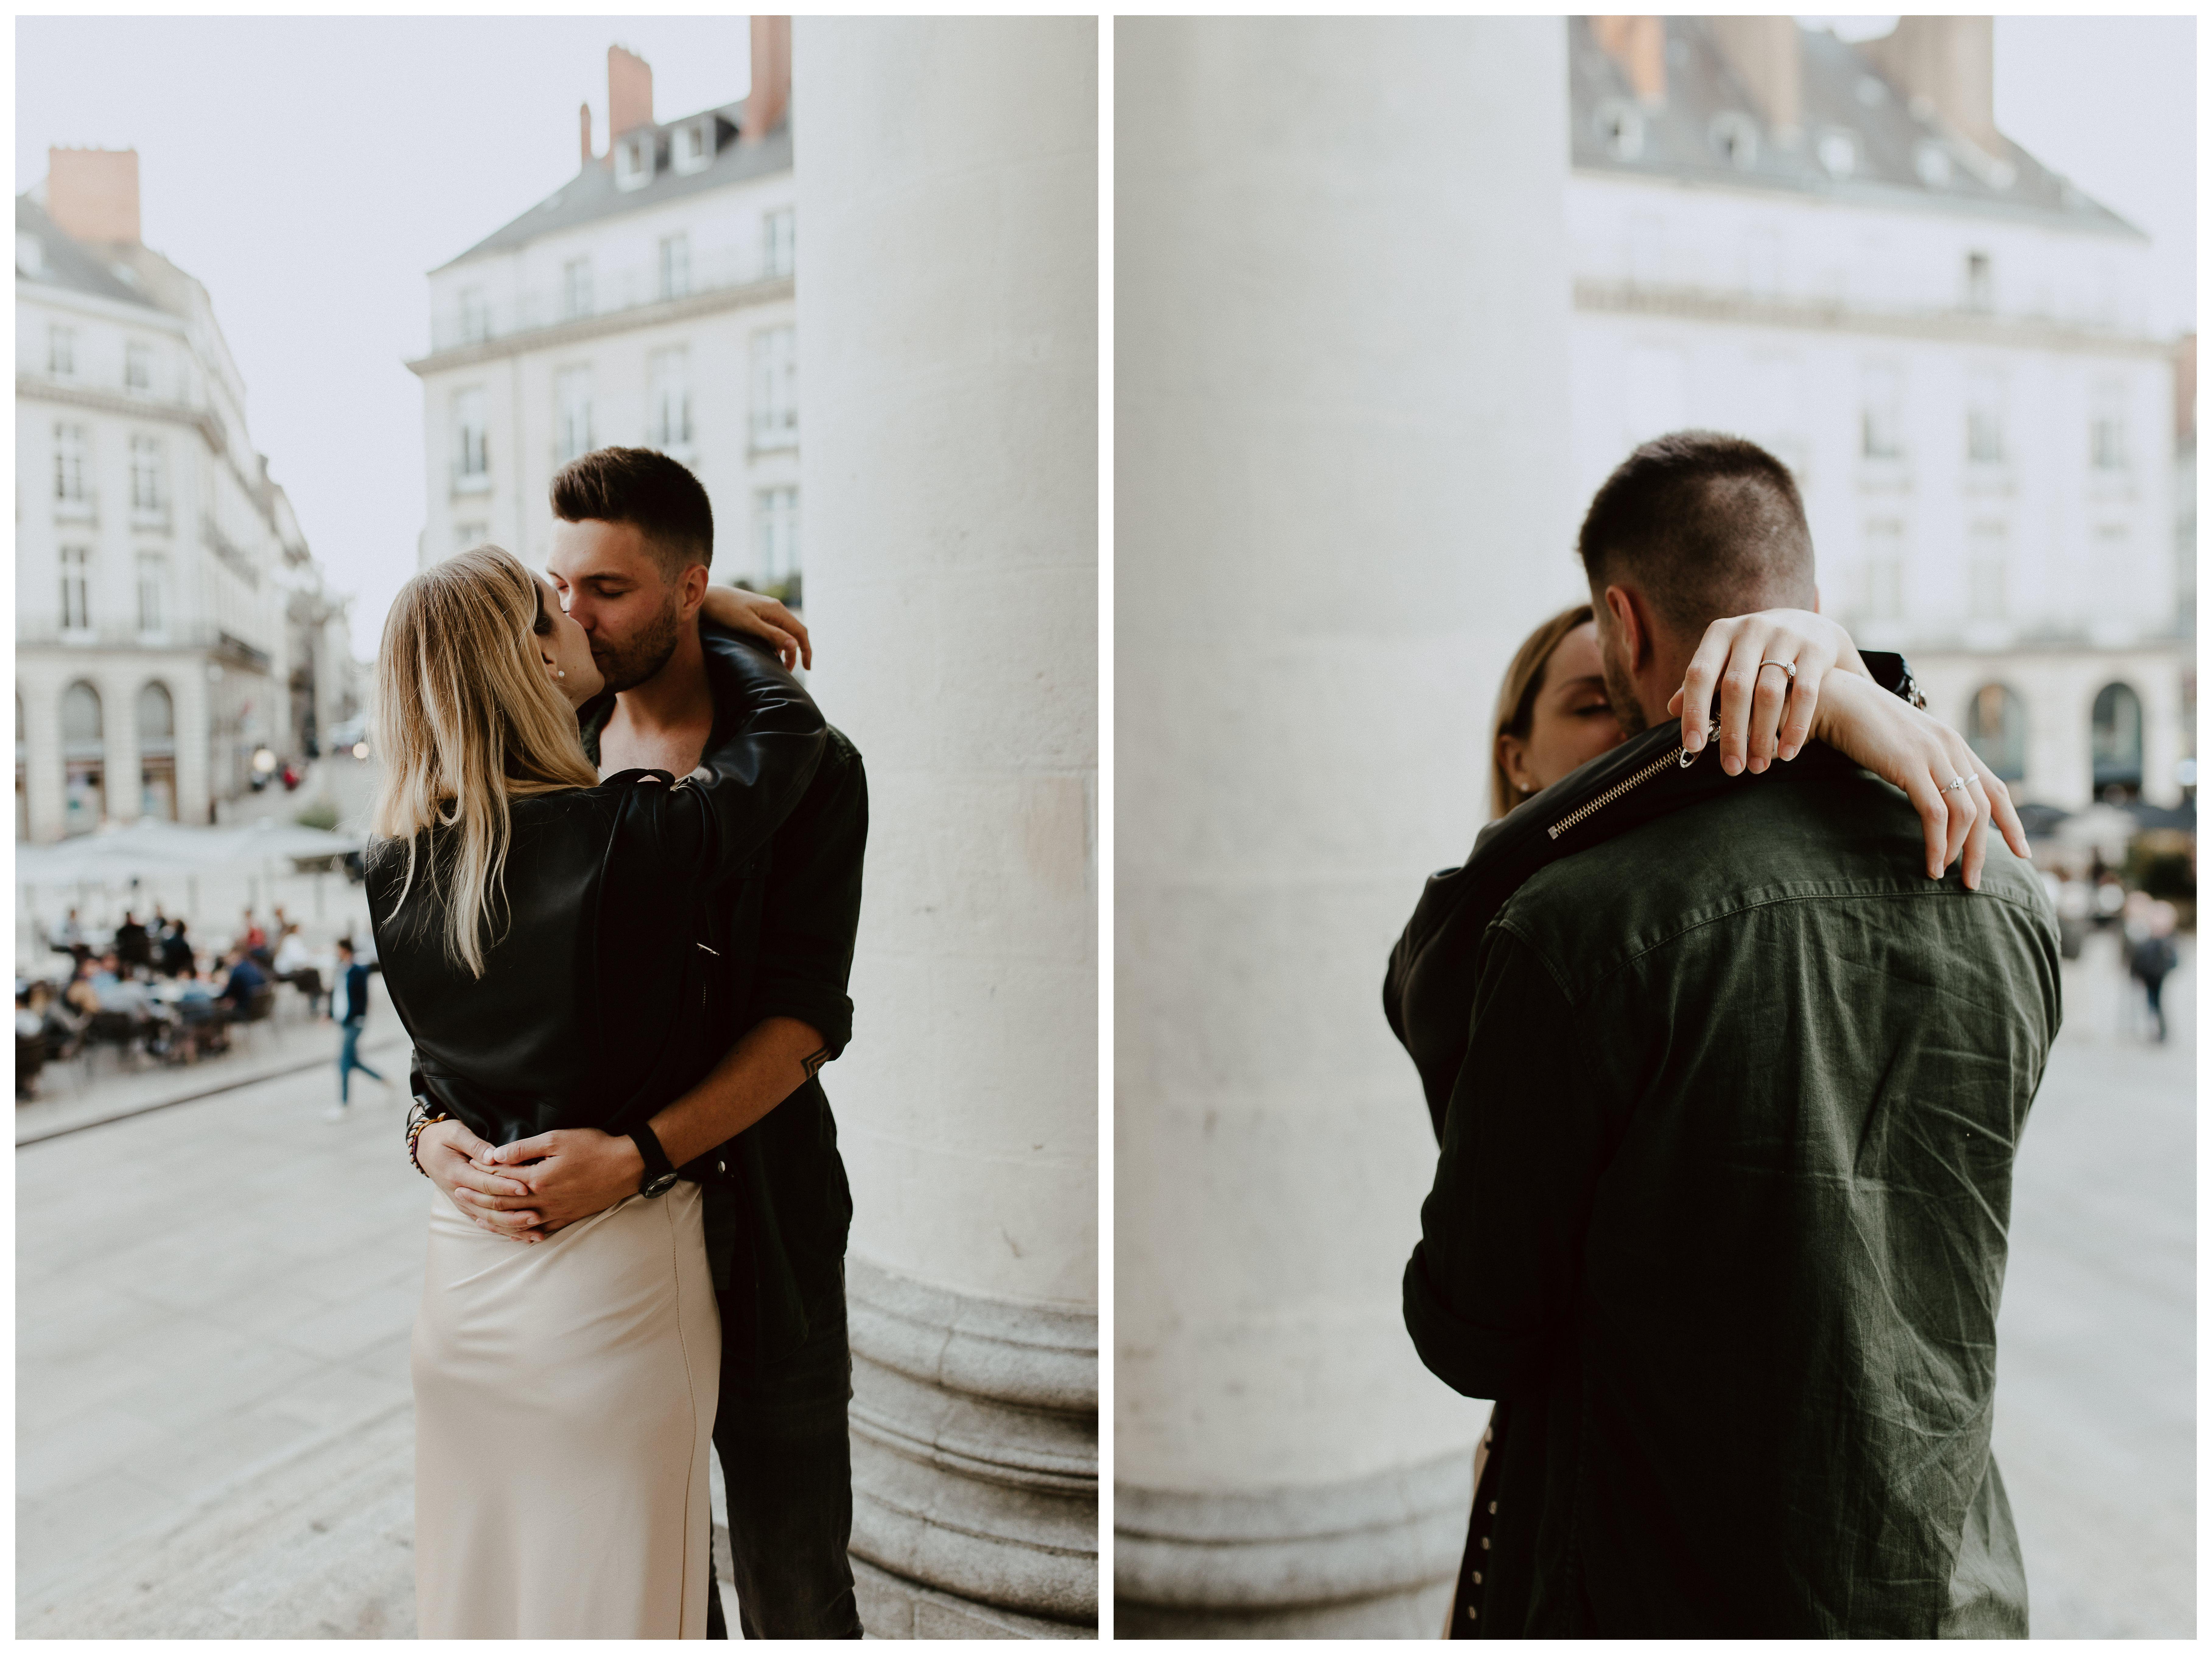 séance engagement couple ville Nantes